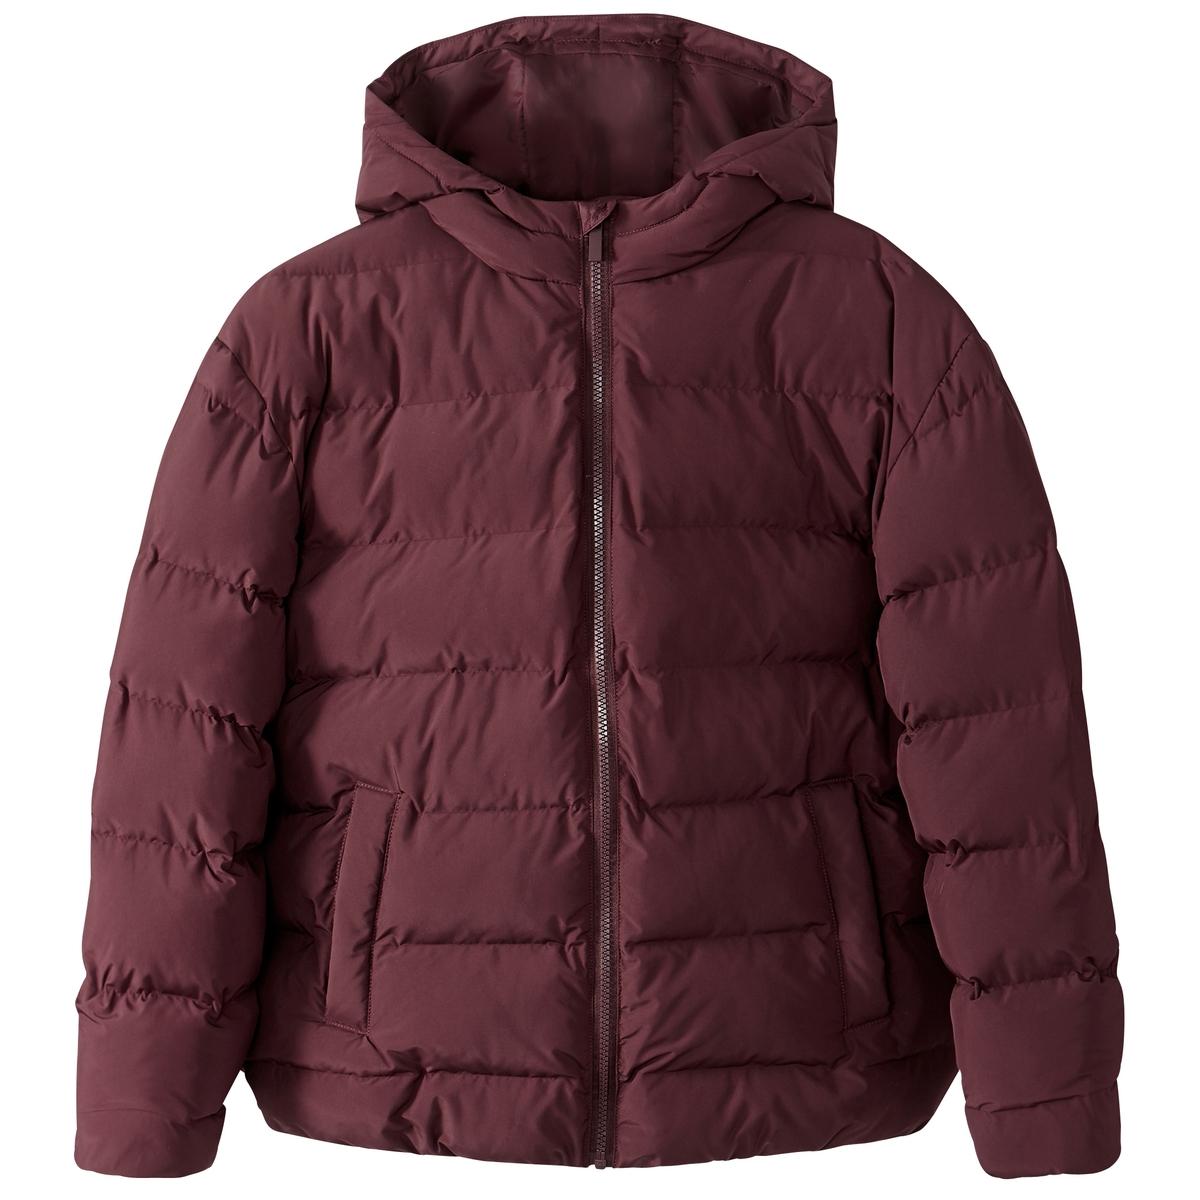 Куртка с капюшоном покроя оверсайзОписание:Теплая и удобная стеганая куртка возвращается этой зимой, чтобы вы выглядели стильно и не ощущали холодов .Детали •  Длина : укороченная   •  Круглый вырез •  Застежка на молнию •  С капюшономСостав и уход •  100% полиэстер •  Подкладка : 100% полиэстер •  Наполнитель : 100% полиэстер • Не стирать •  Деликатная чистка/без отбеливателей •  Не использовать барабанную сушку   •  Не гладить •  Длина : 65 см<br><br>Цвет: бордовый,темно-синий<br>Размер: 52 (FR) - 58 (RUS).50 (FR) - 56 (RUS).44 (FR) - 50 (RUS).42 (FR) - 48 (RUS).40 (FR) - 46 (RUS)